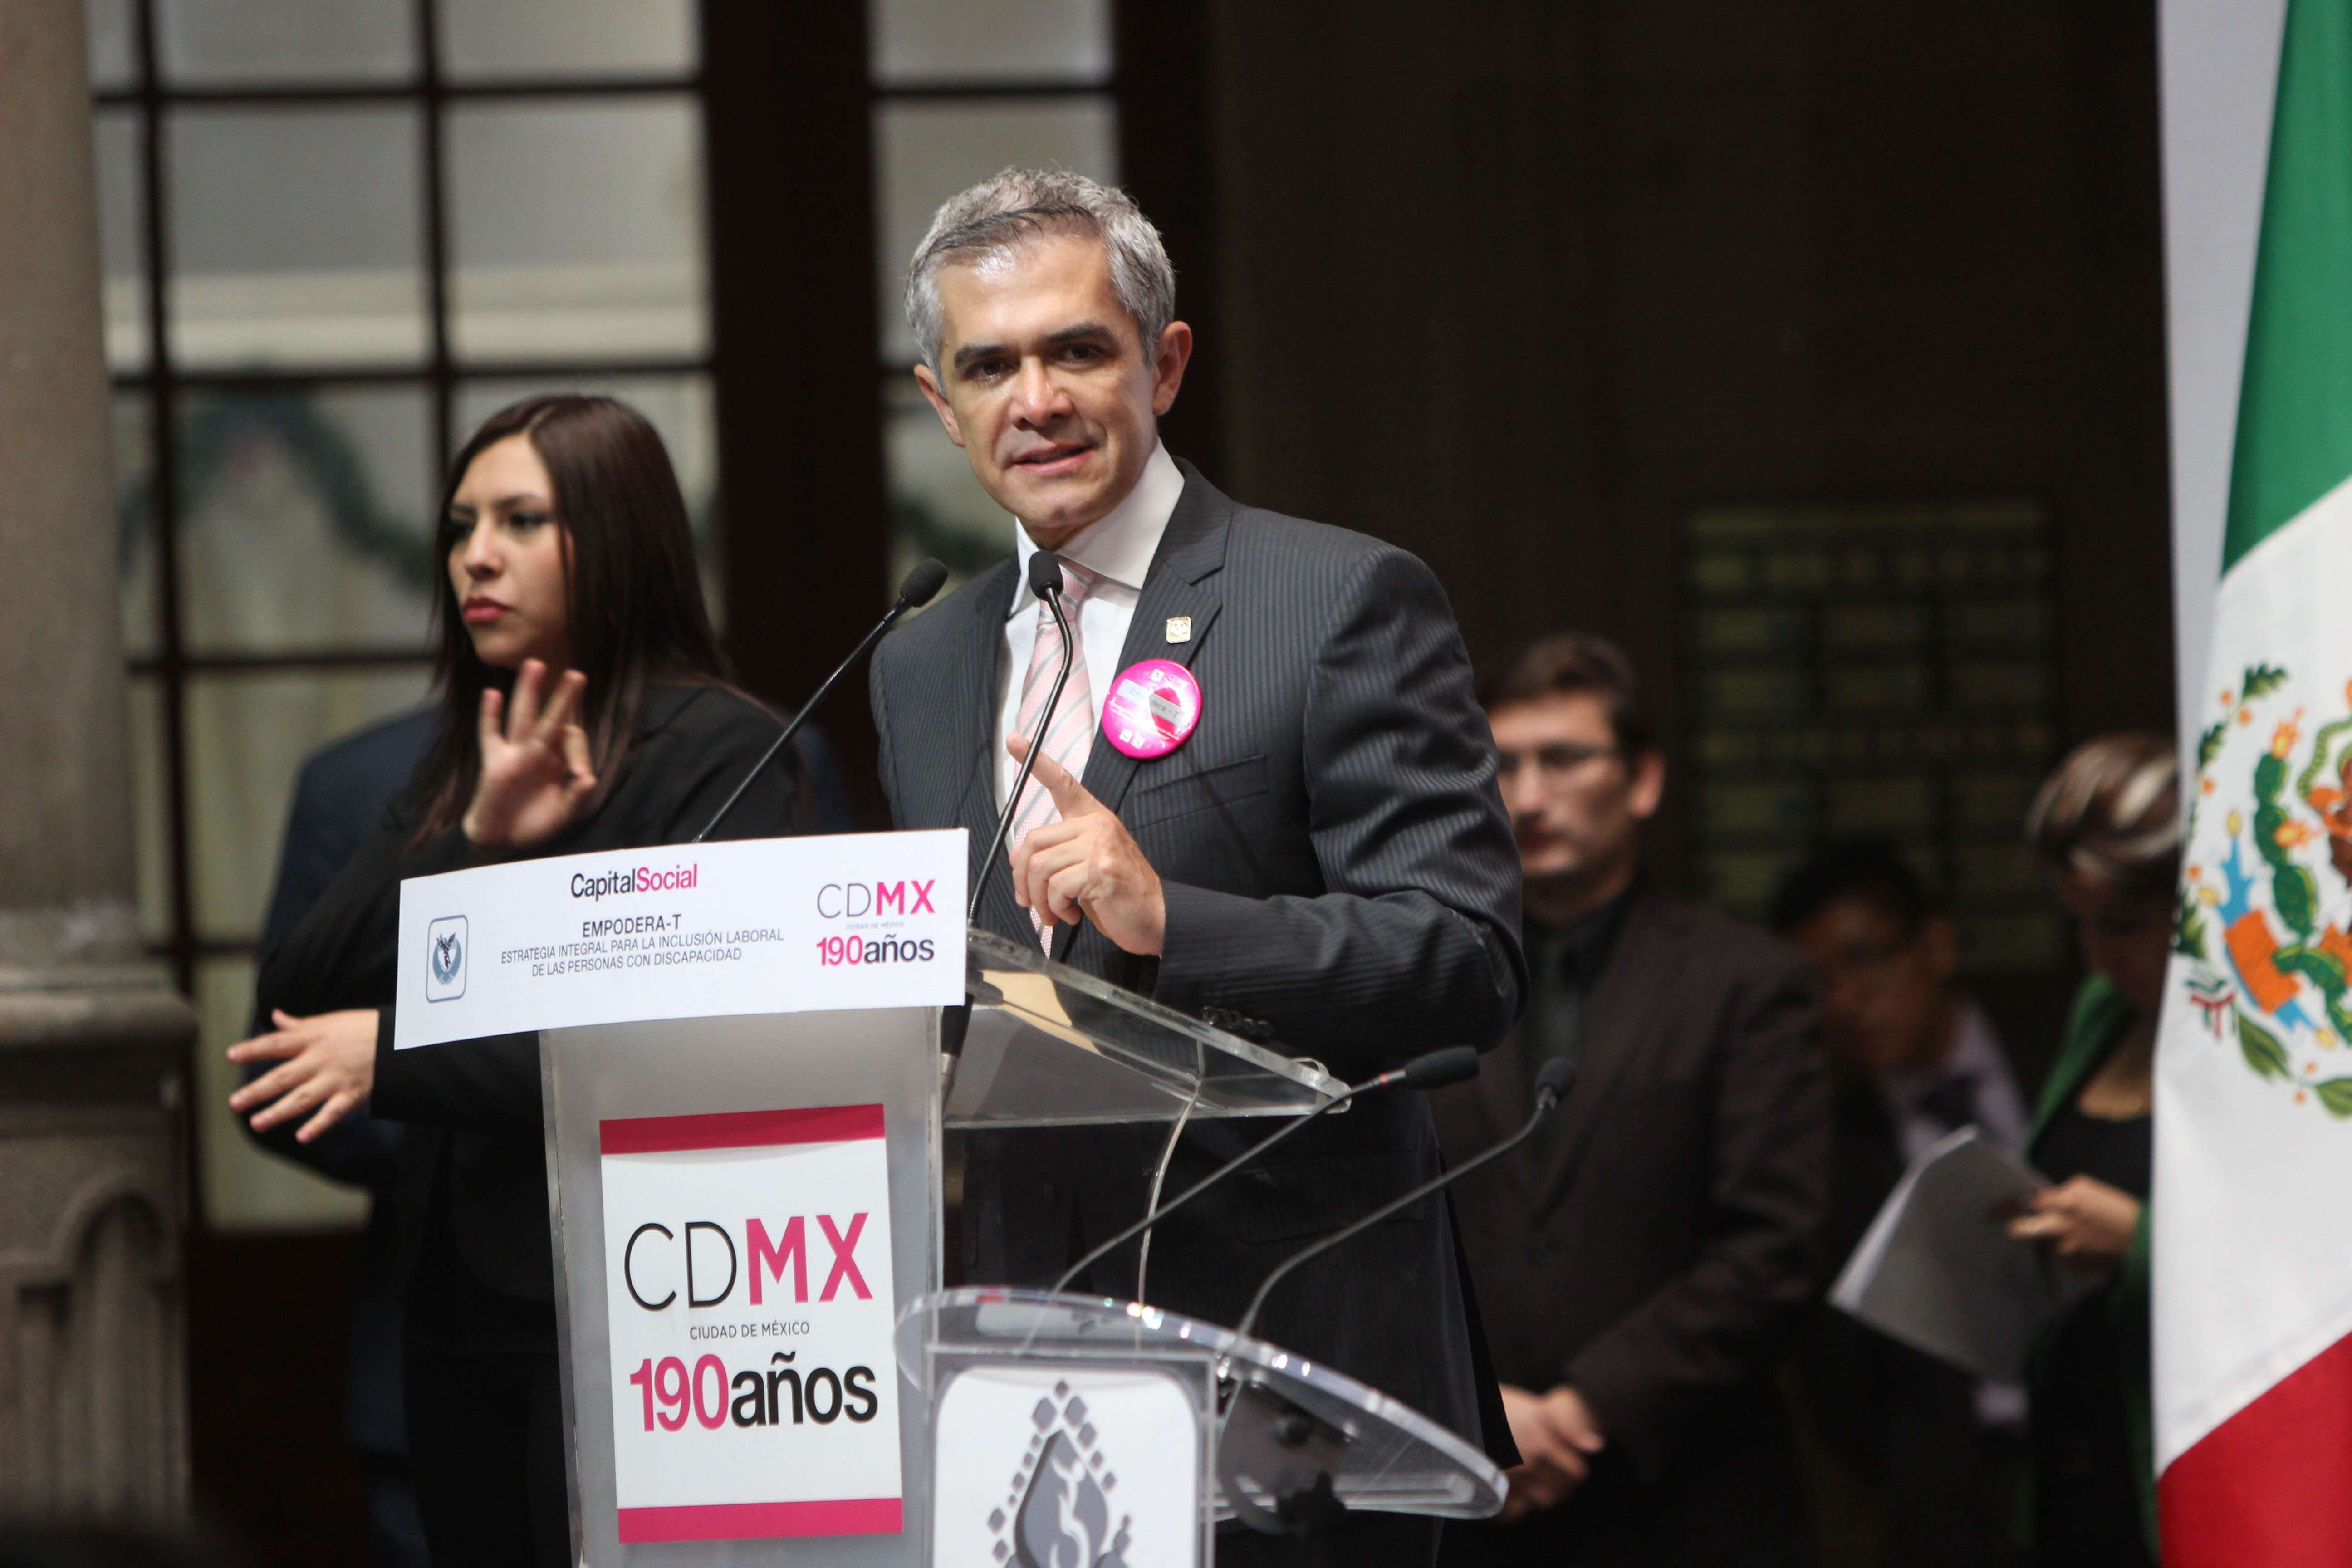 El Jefe de Gobierno capitalino hizo un llamado a empresarios y empresarias de la CDMX a incluir en sus plantillas laborales a personas con discapacidad. Foto: GDF